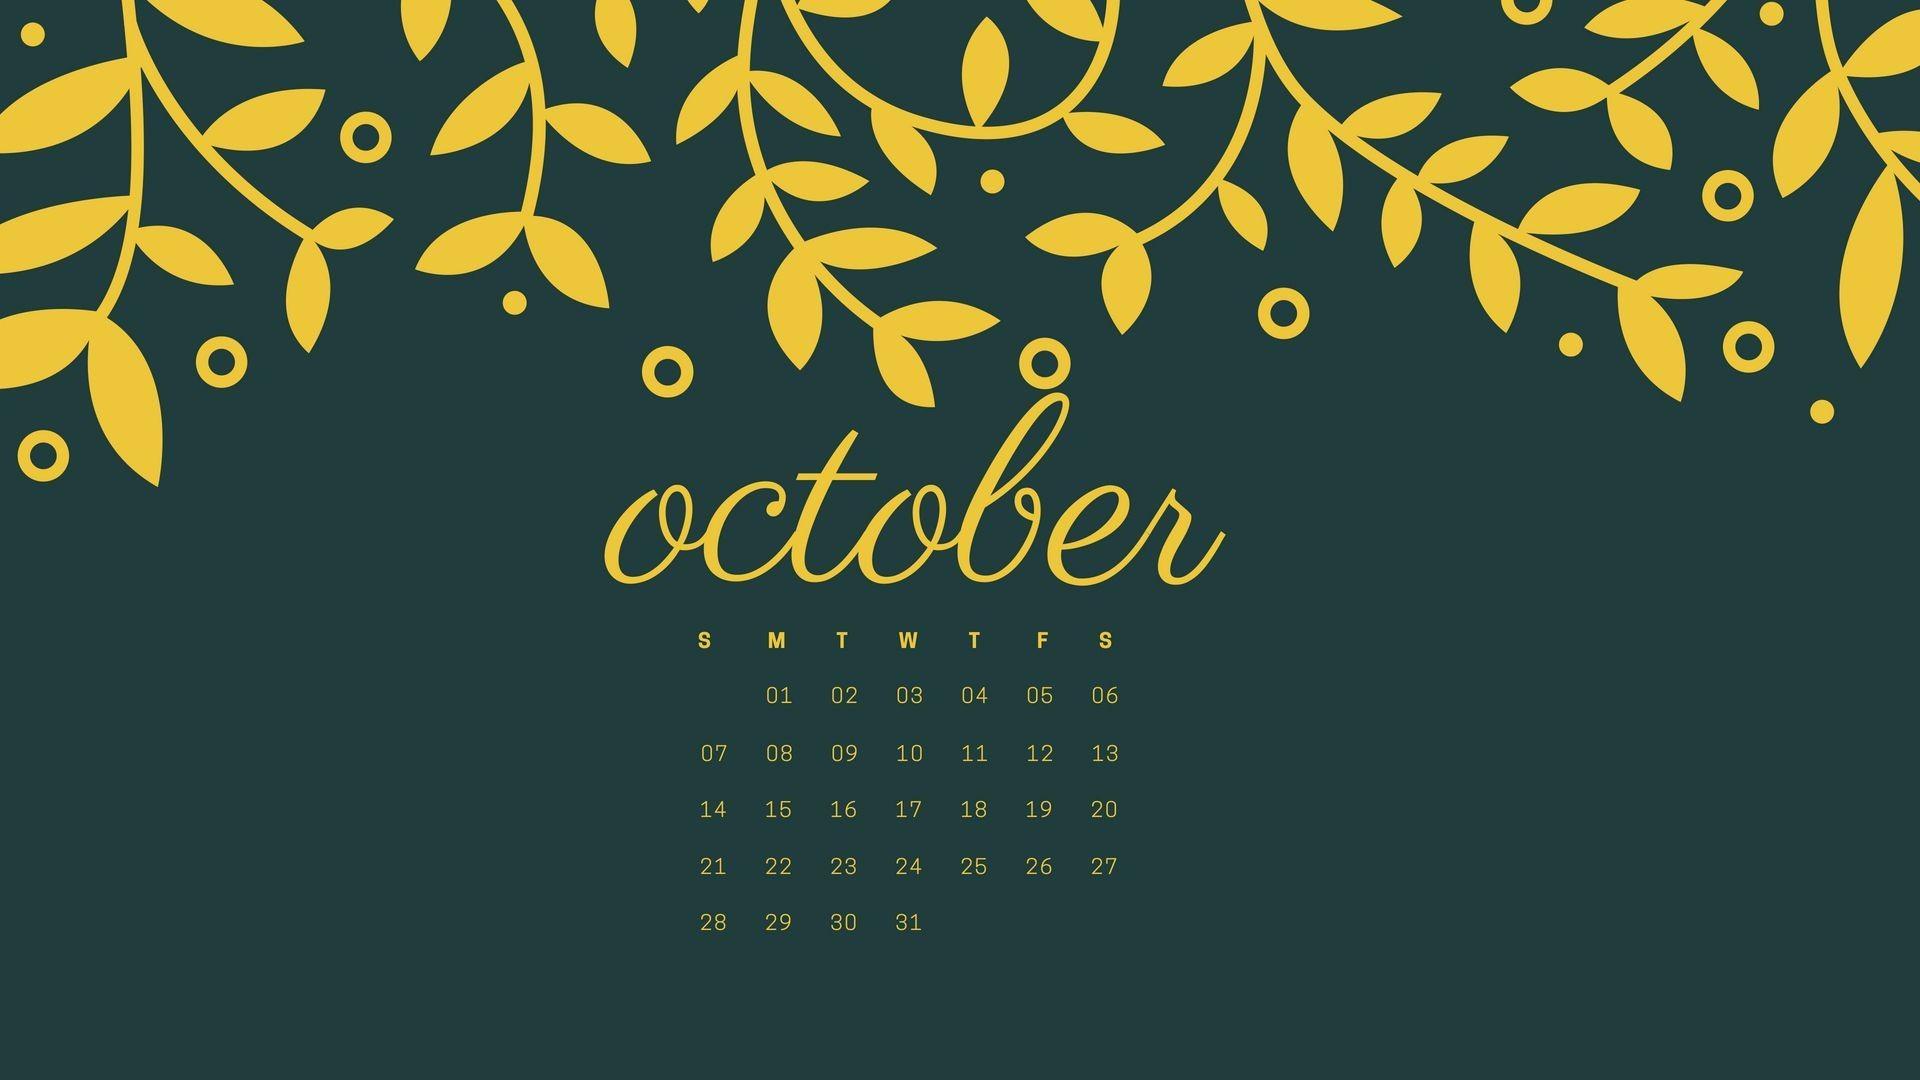 Desktop Wallpapers Calendar October 2018 72 Pictures